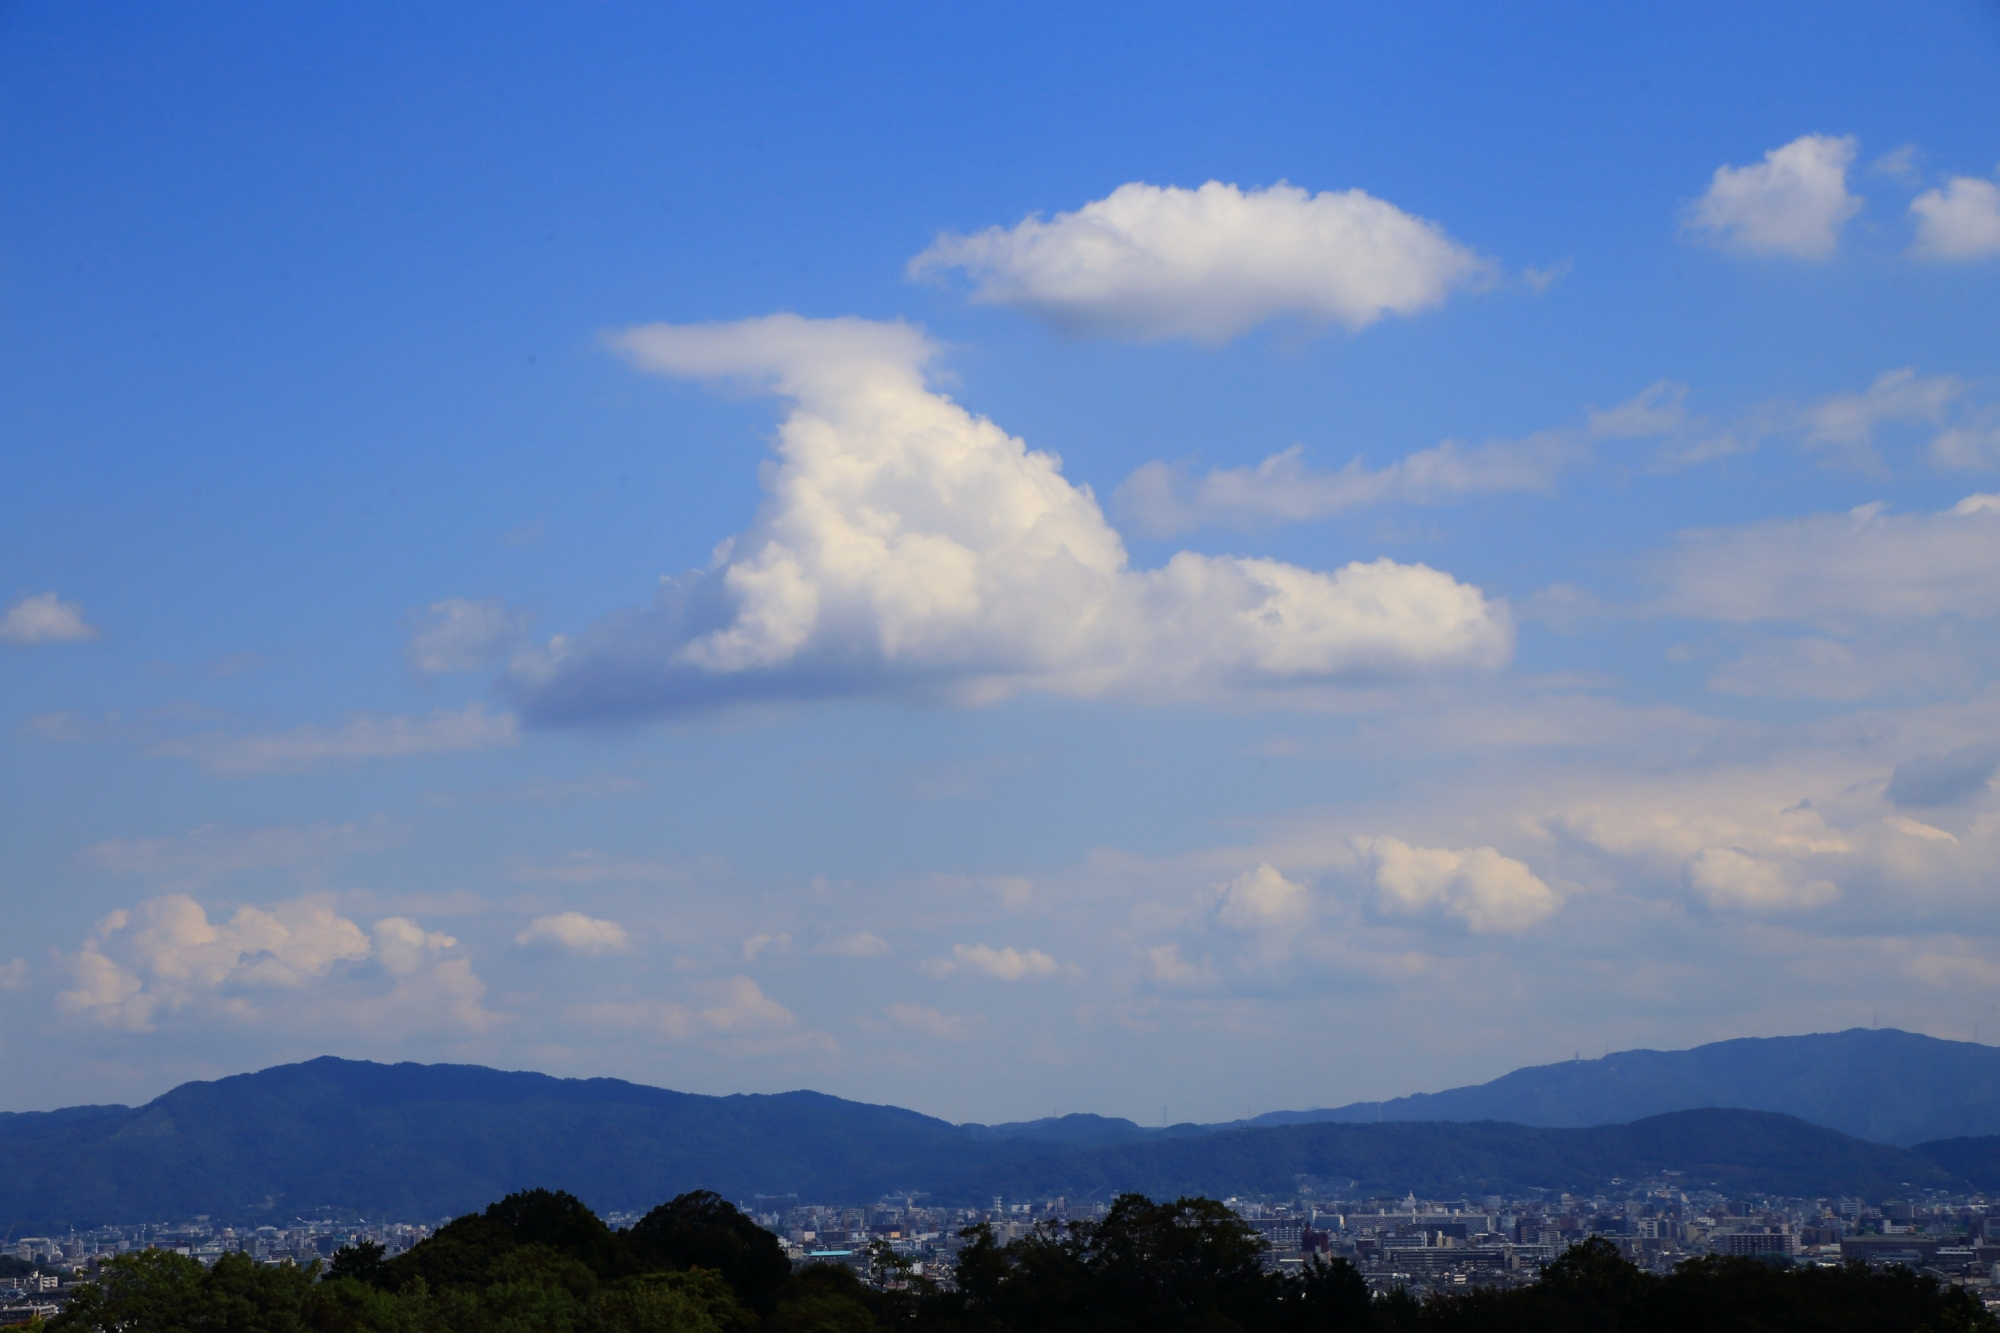 嵐山の秘境の大悲閣 千光寺から眺める絶景の空